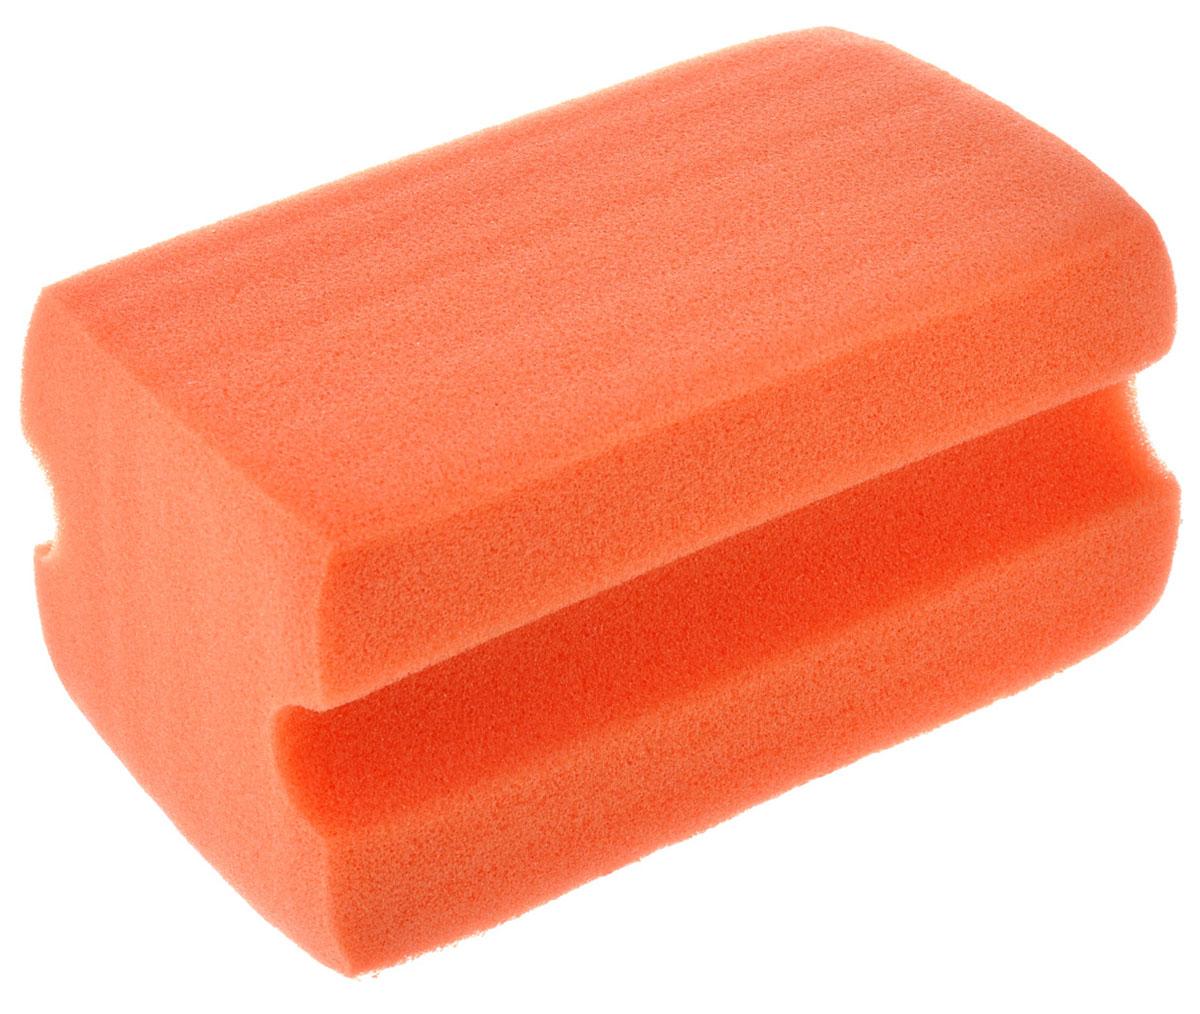 Губка для мытья автомобиля Sapfire Альфа, цвет: оранжевый0501-SGM_оранжевыйГубка Sapfire Альфа, изготовленная из пенополиуретана, обеспечивает бережный уход за лакокрасочным покрытием автомобиля, обладает высокими абсорбирующими свойствами. При использовании с моющими средствами изделие создает обильную пену. Губка Sapfire Альфа мягкая, способная сохранять свою форму даже после многократного использования.